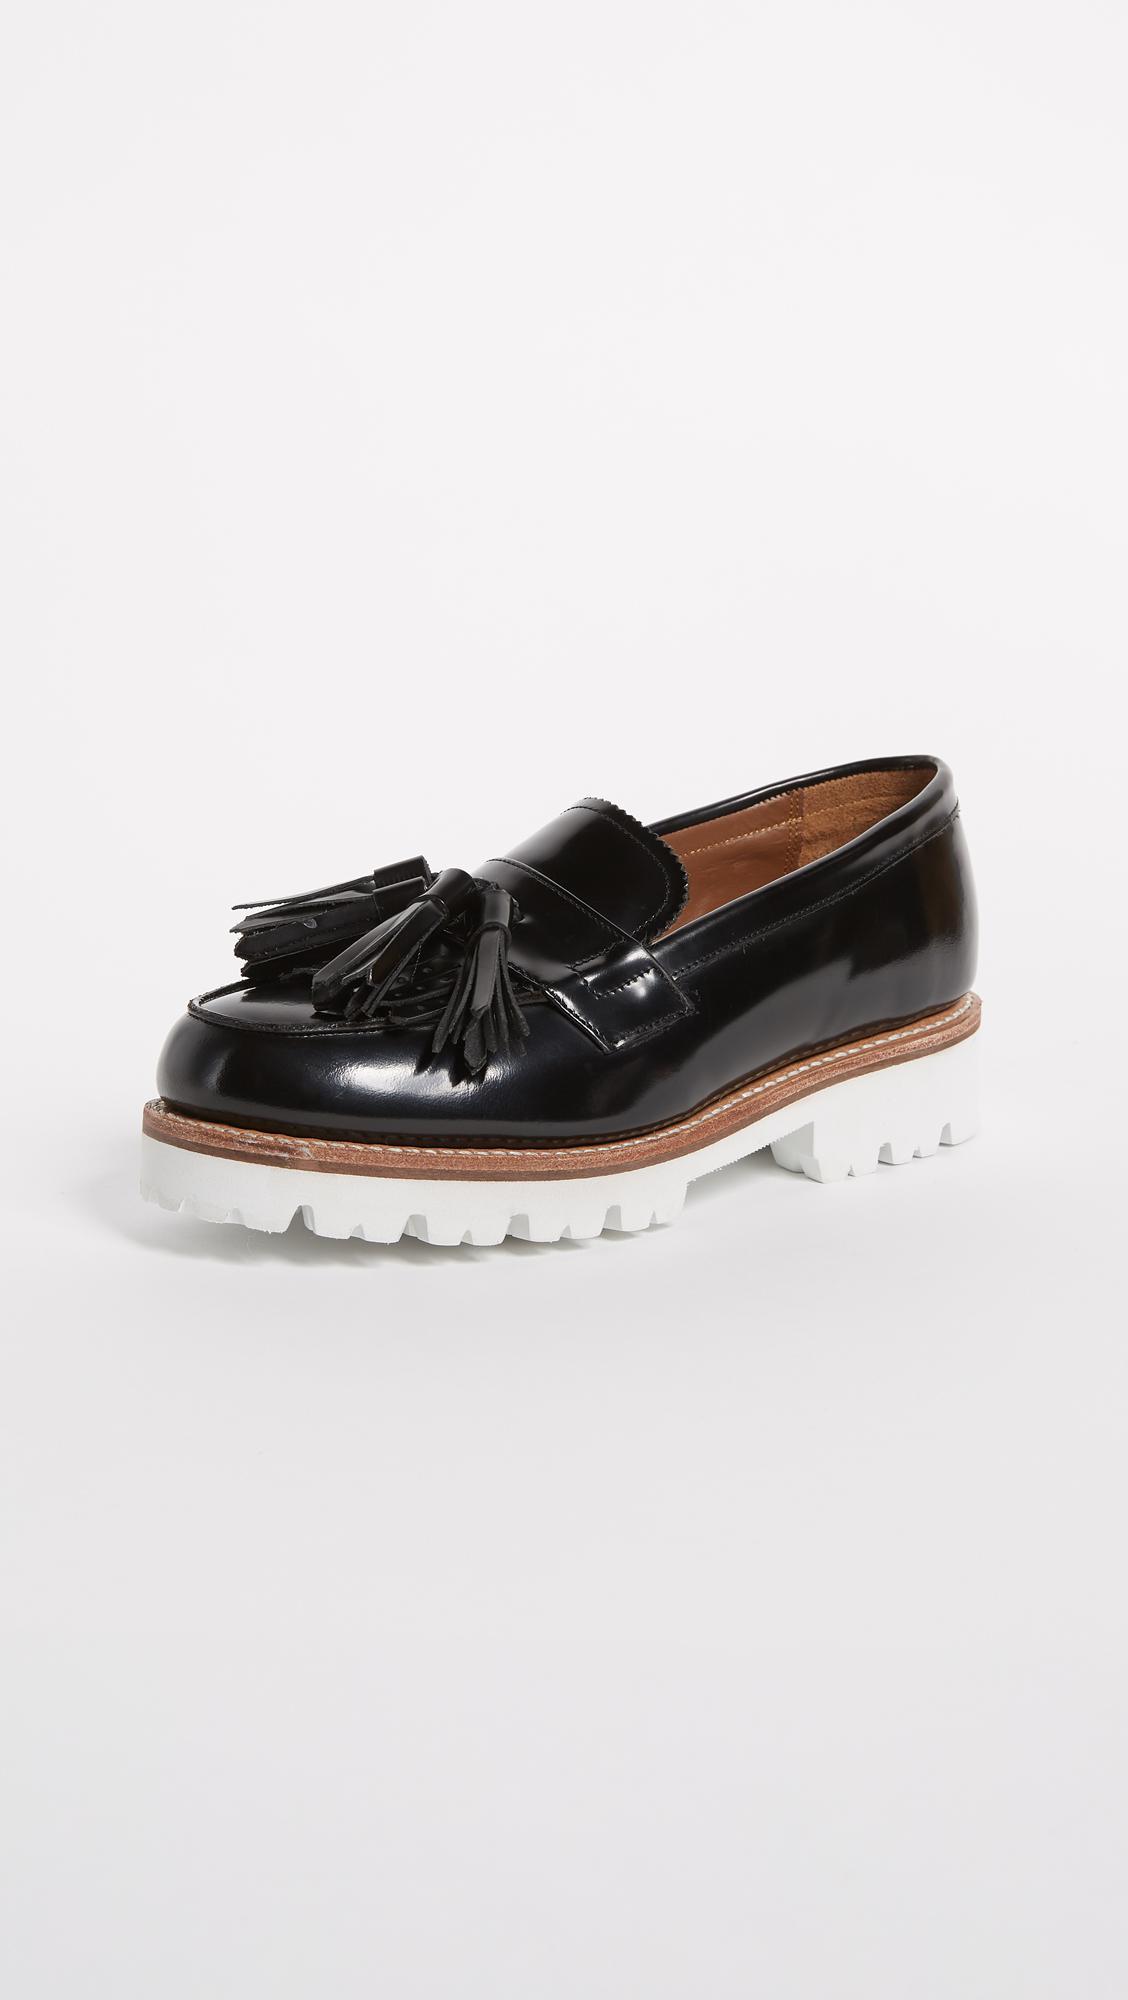 c5e3dbf804c Lyst - Grenson Clara Loafers in Black